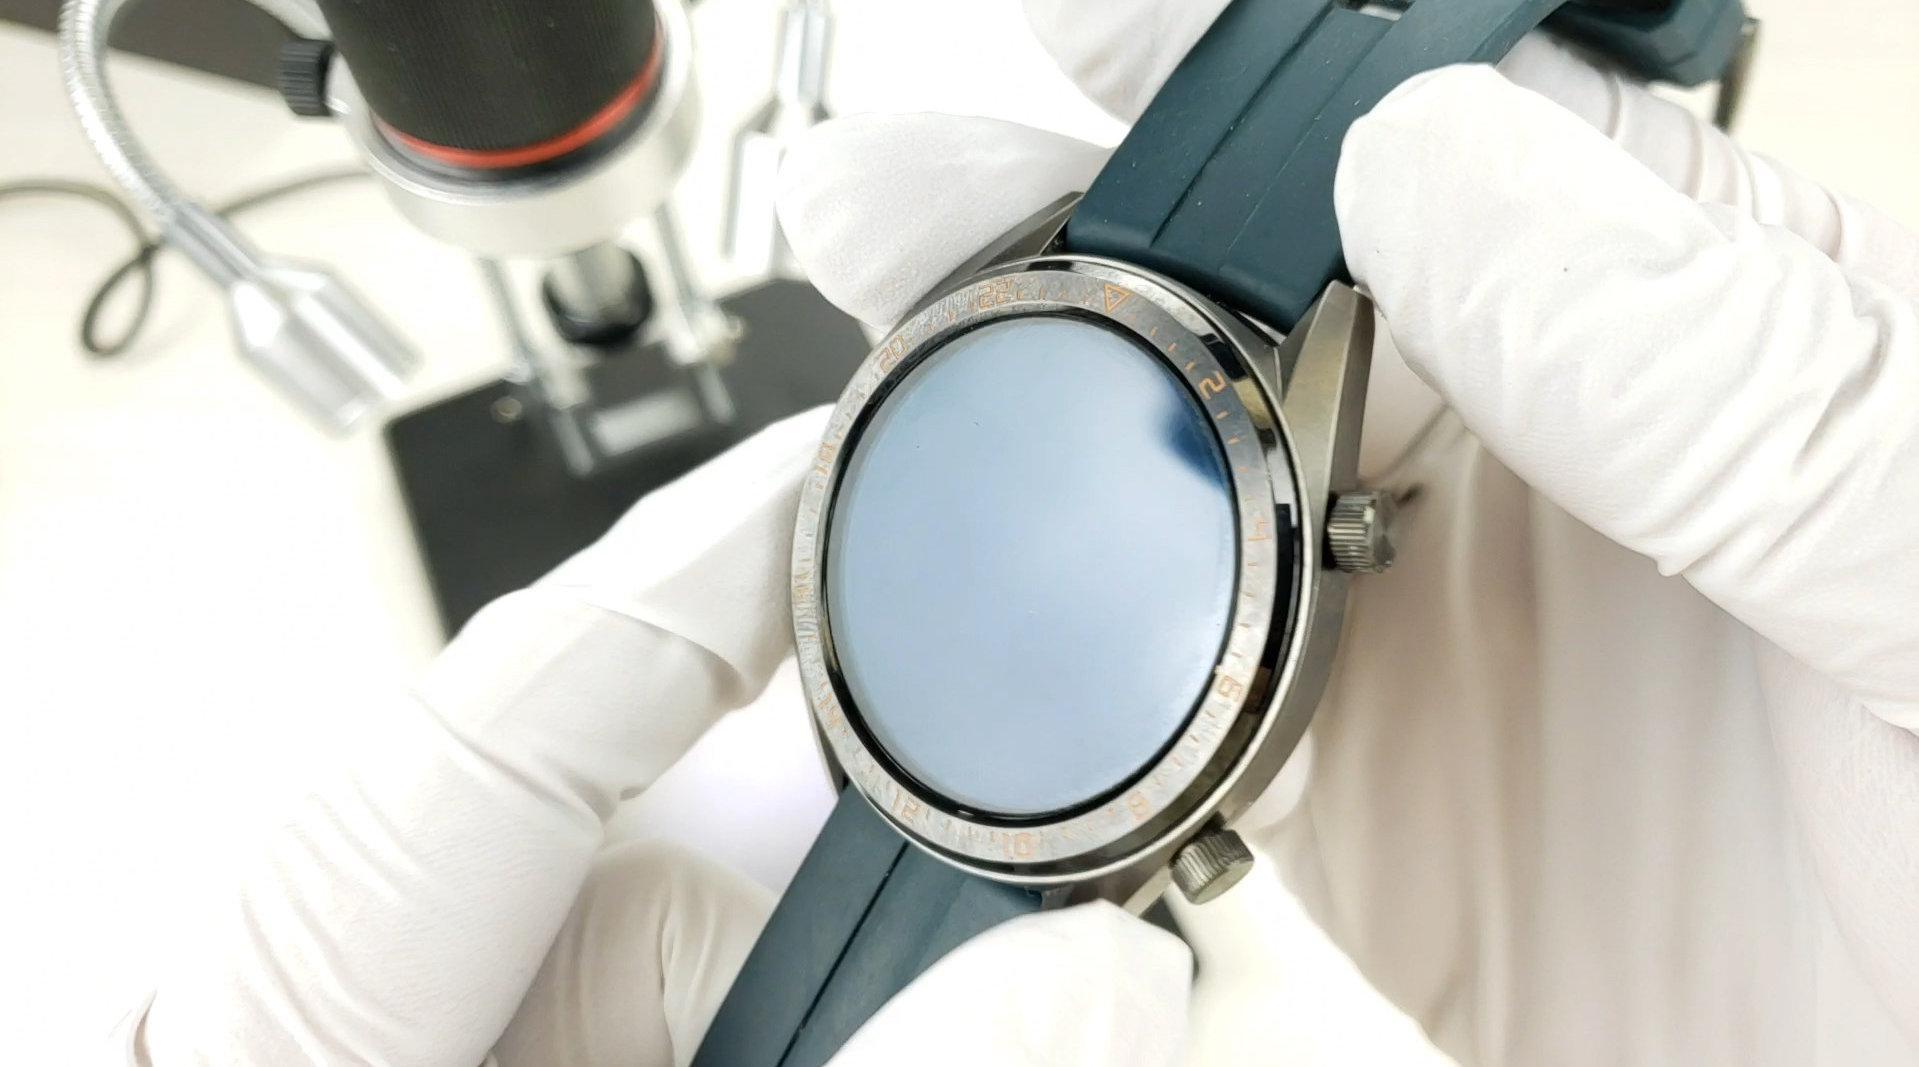 拆解华为智能手表,看看工业设计和苹果相比还有多大的差距